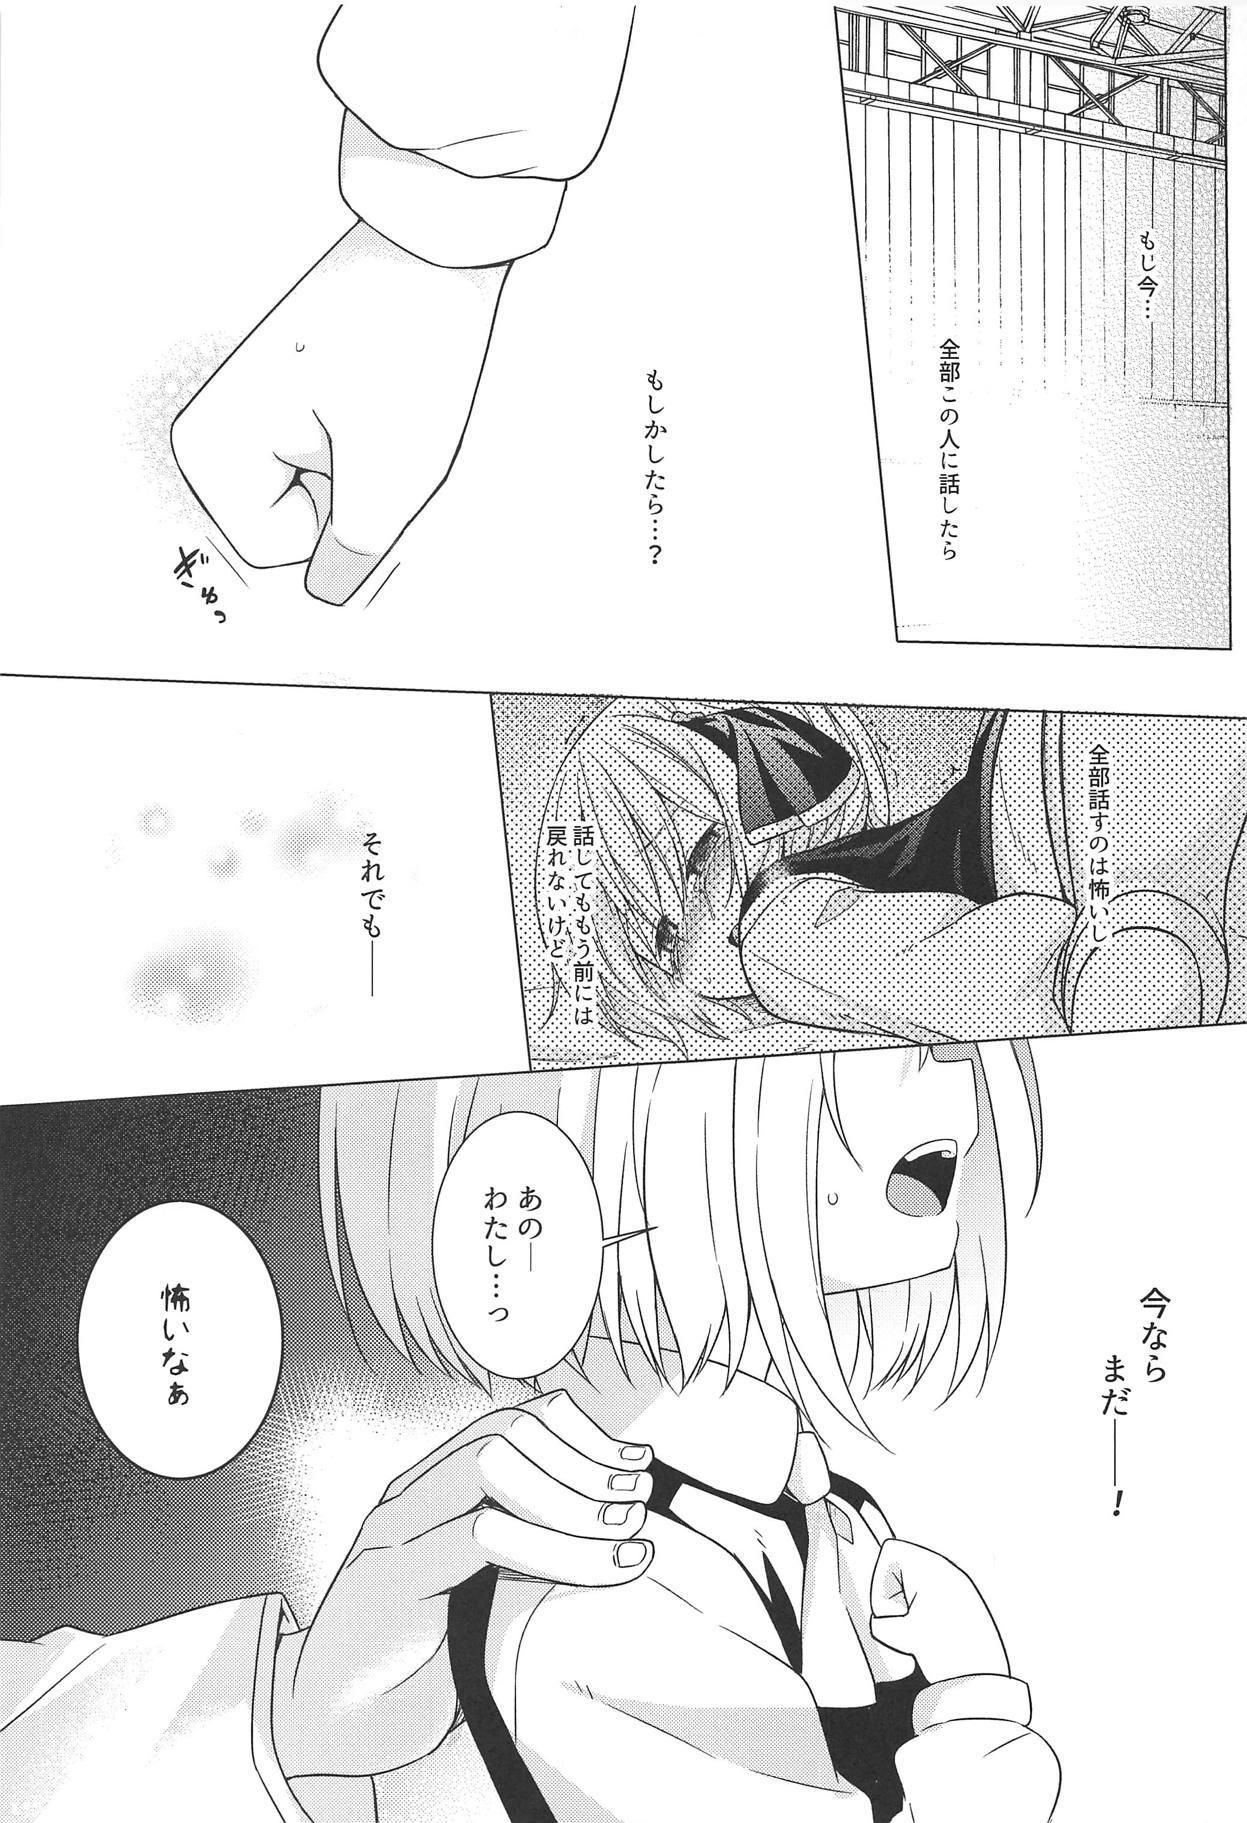 Kimi wa Ore no Cos Uriko Nin 7